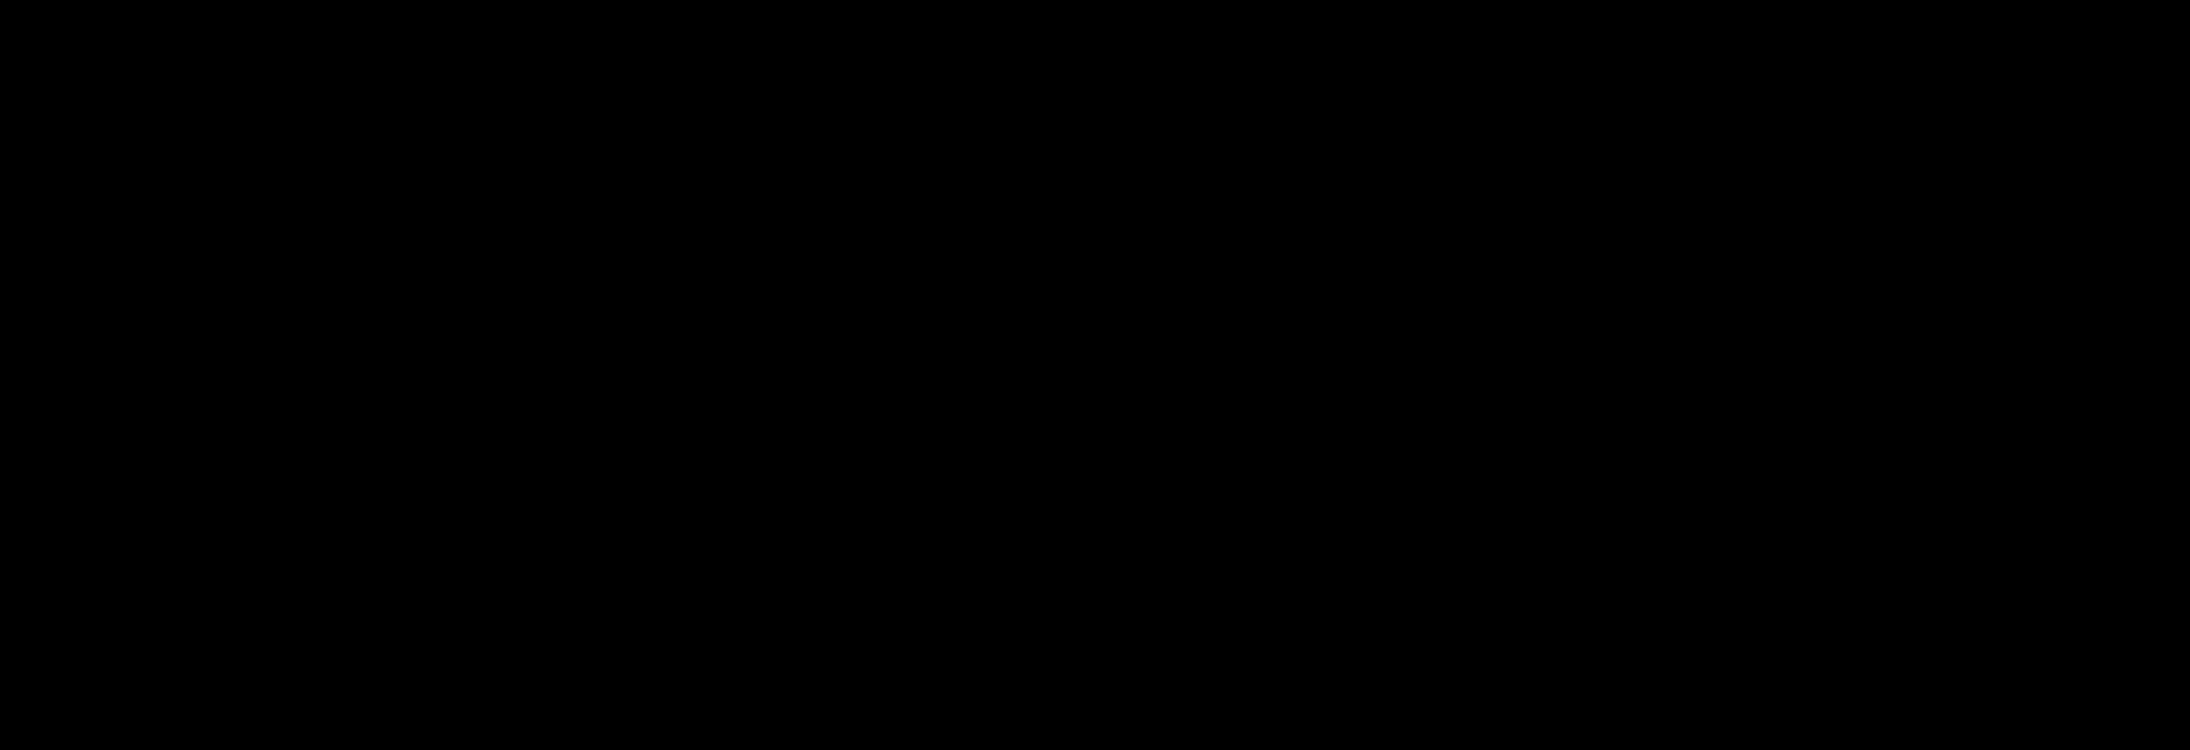 illuminati Logo png